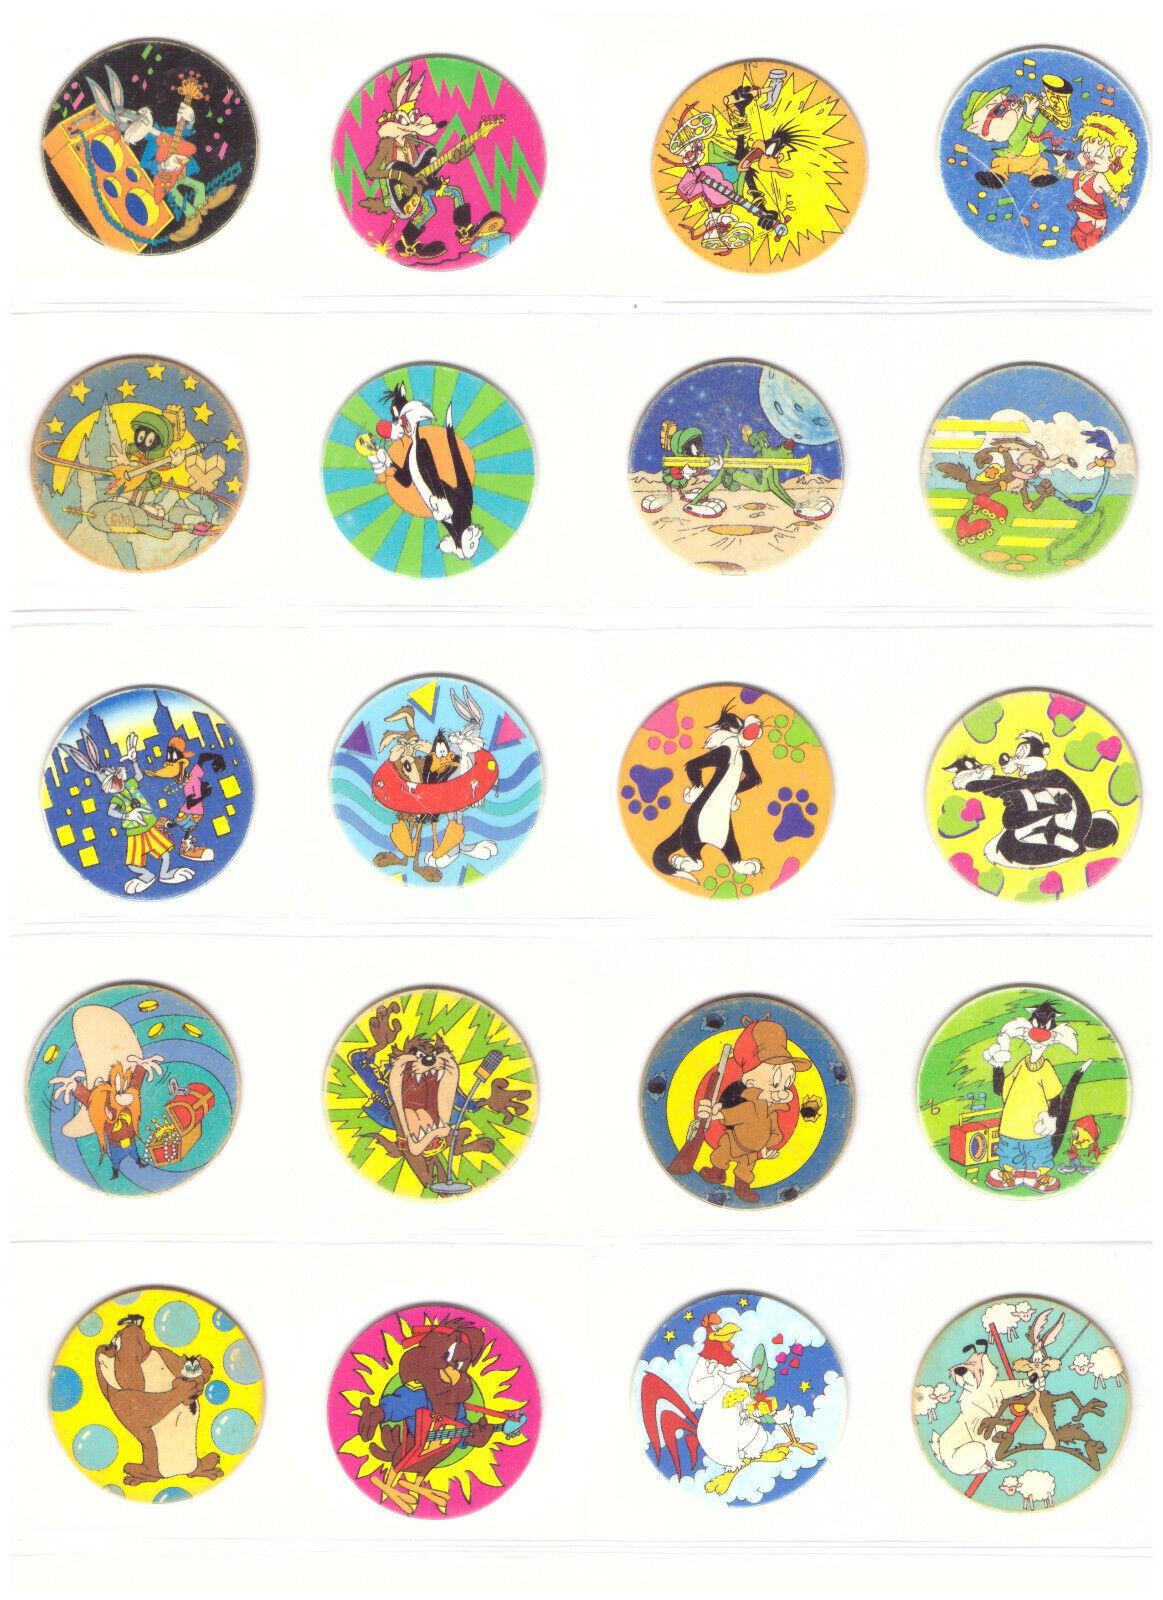 100 TAZOS LOONEY TUNES giocattolo Collection cifras completare giocattoli giocattolo  POGS Bugs Bunny  senza esitazione! acquista ora!